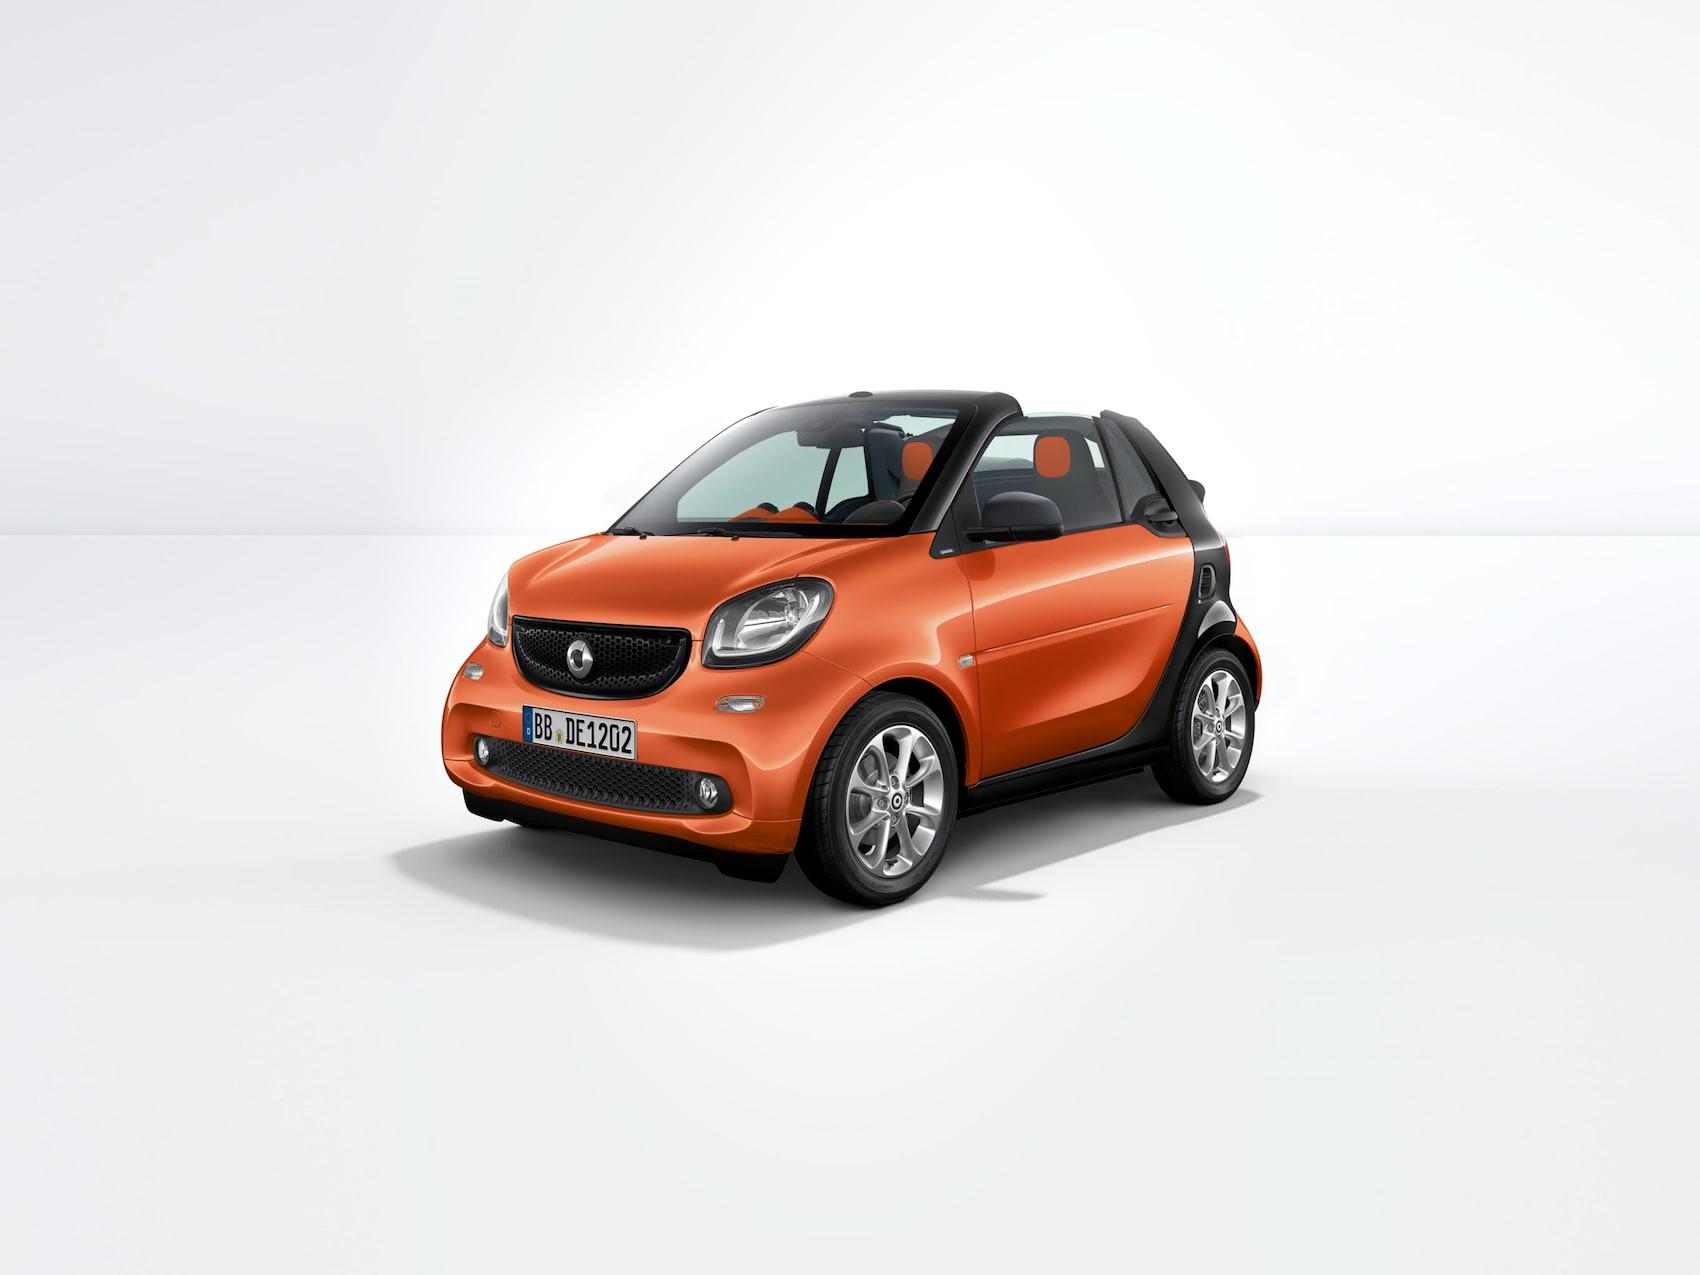 smart fortwo passion von vorne mit Blick auf die Beifahrerseite.